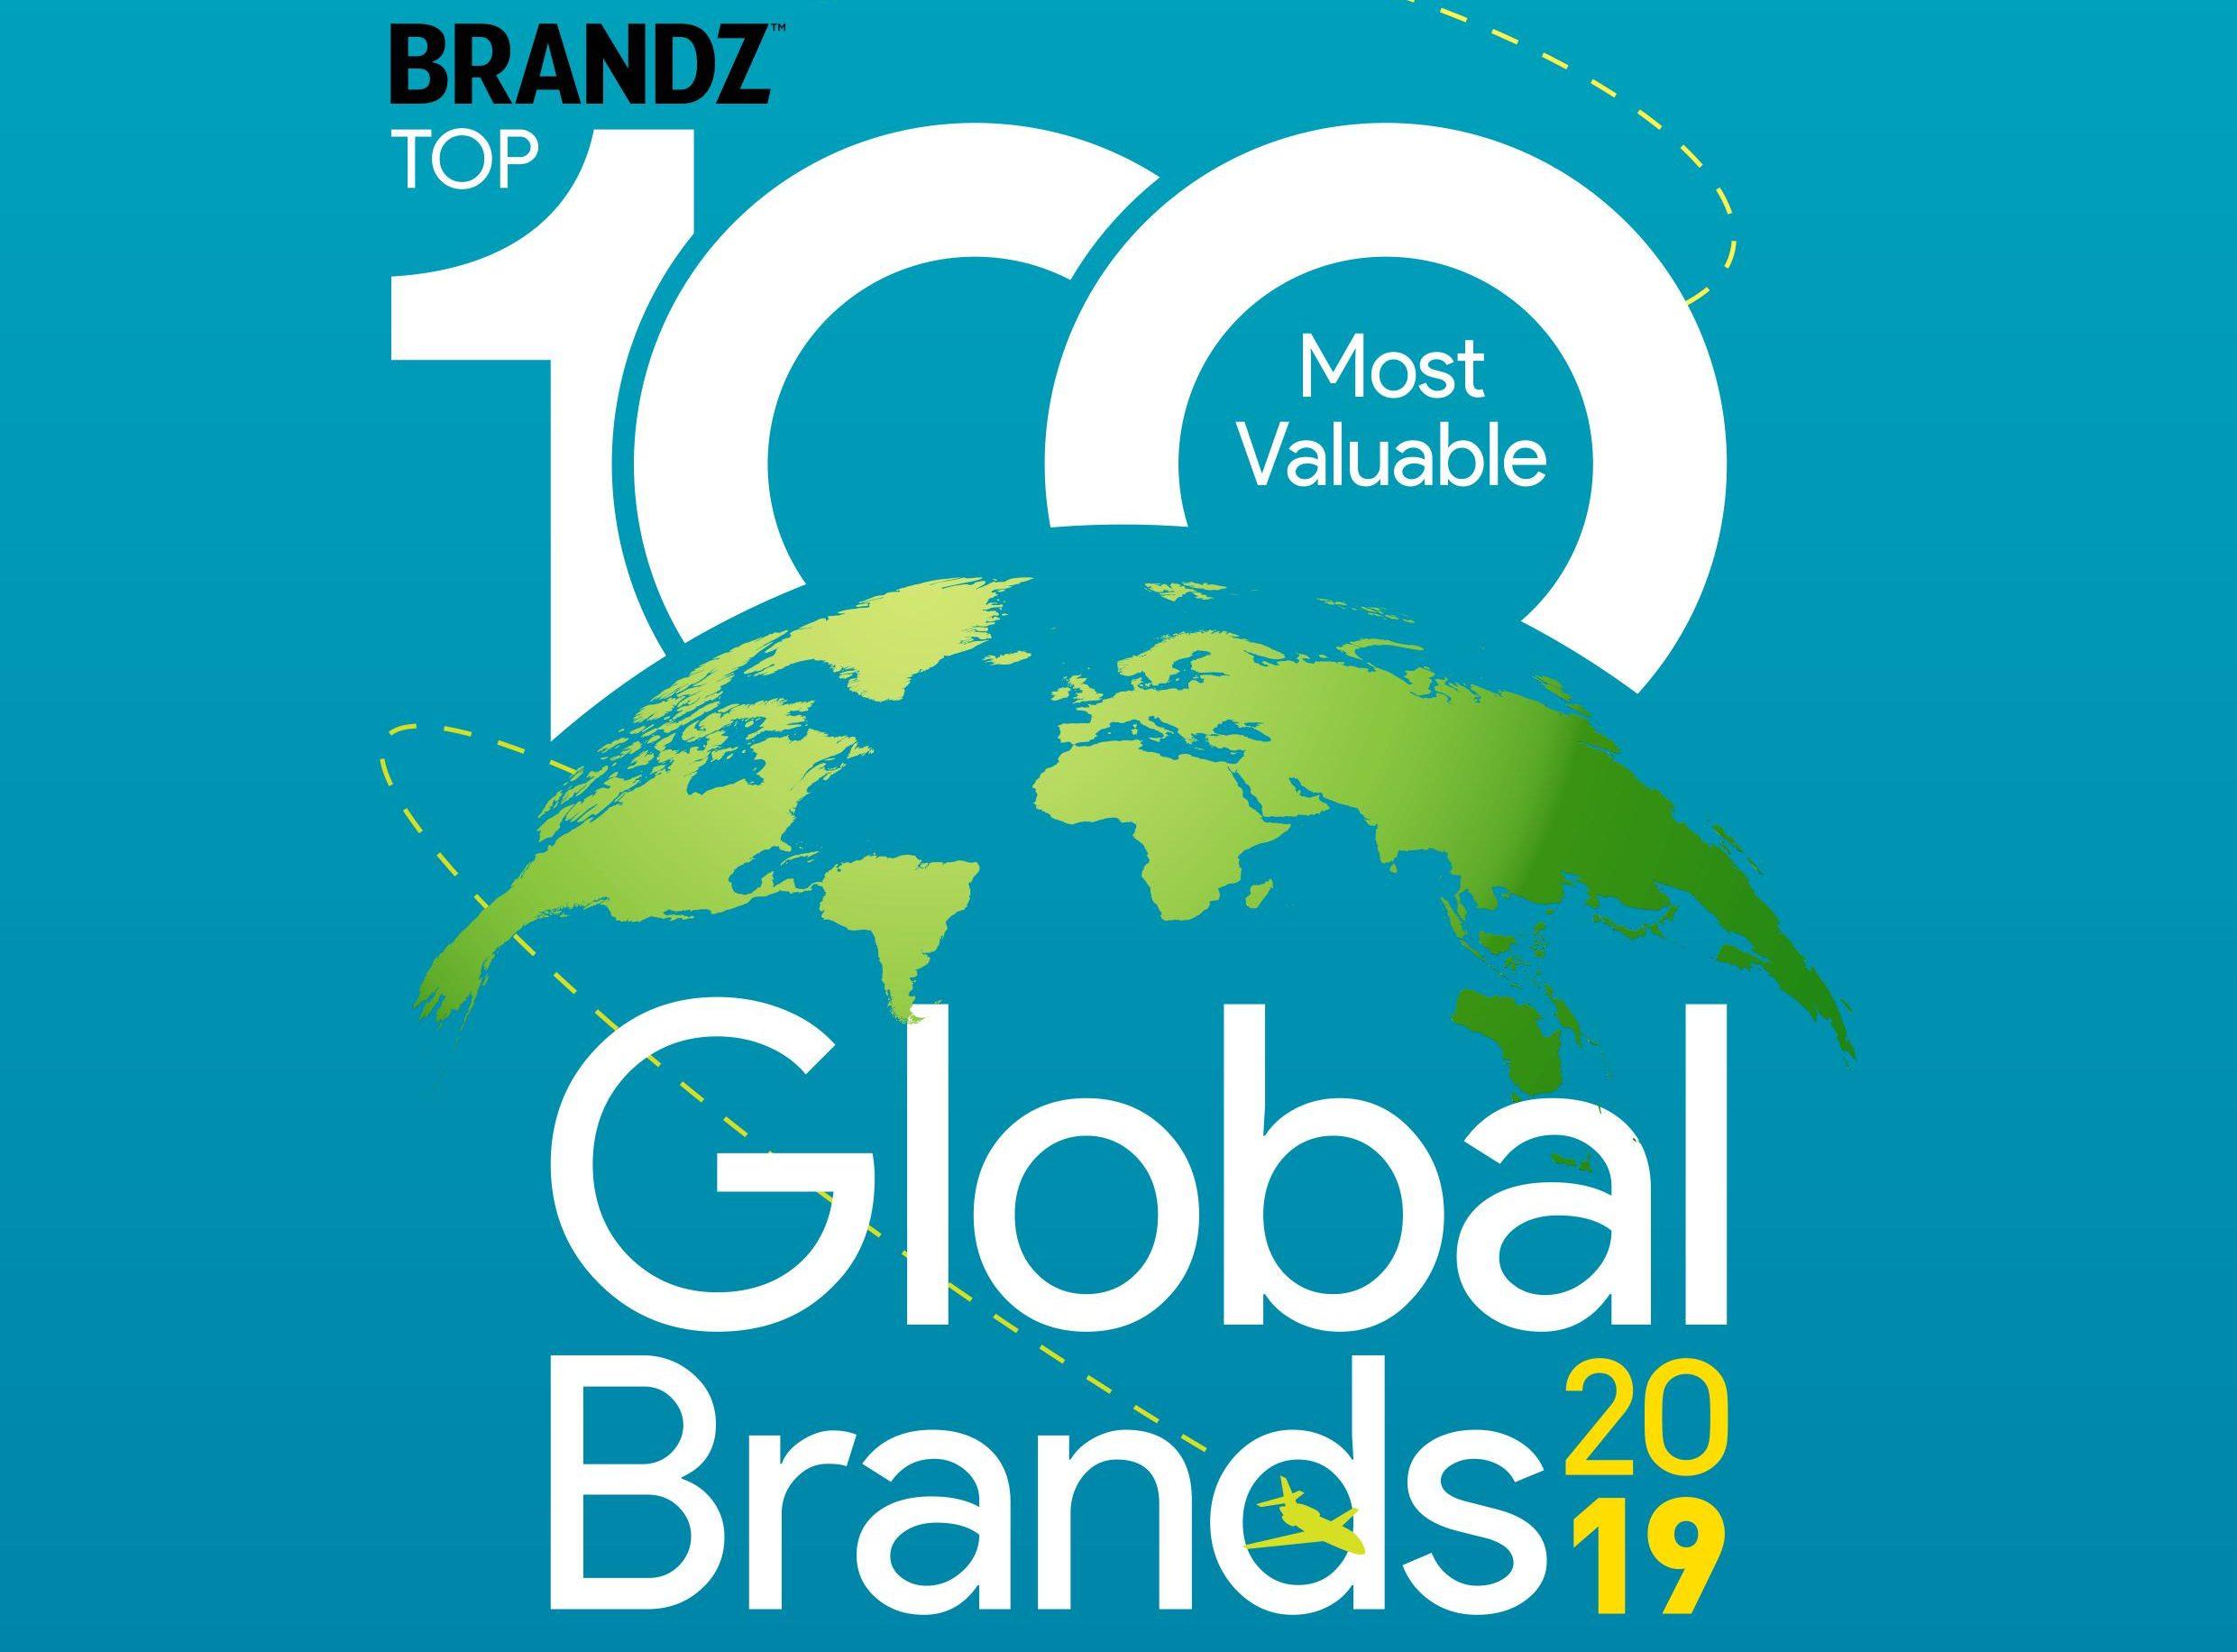 """2019年 BrandZ全球百大品牌榜:奢侈品品牌价值增长最快,个人护理类开始""""苏醒"""""""